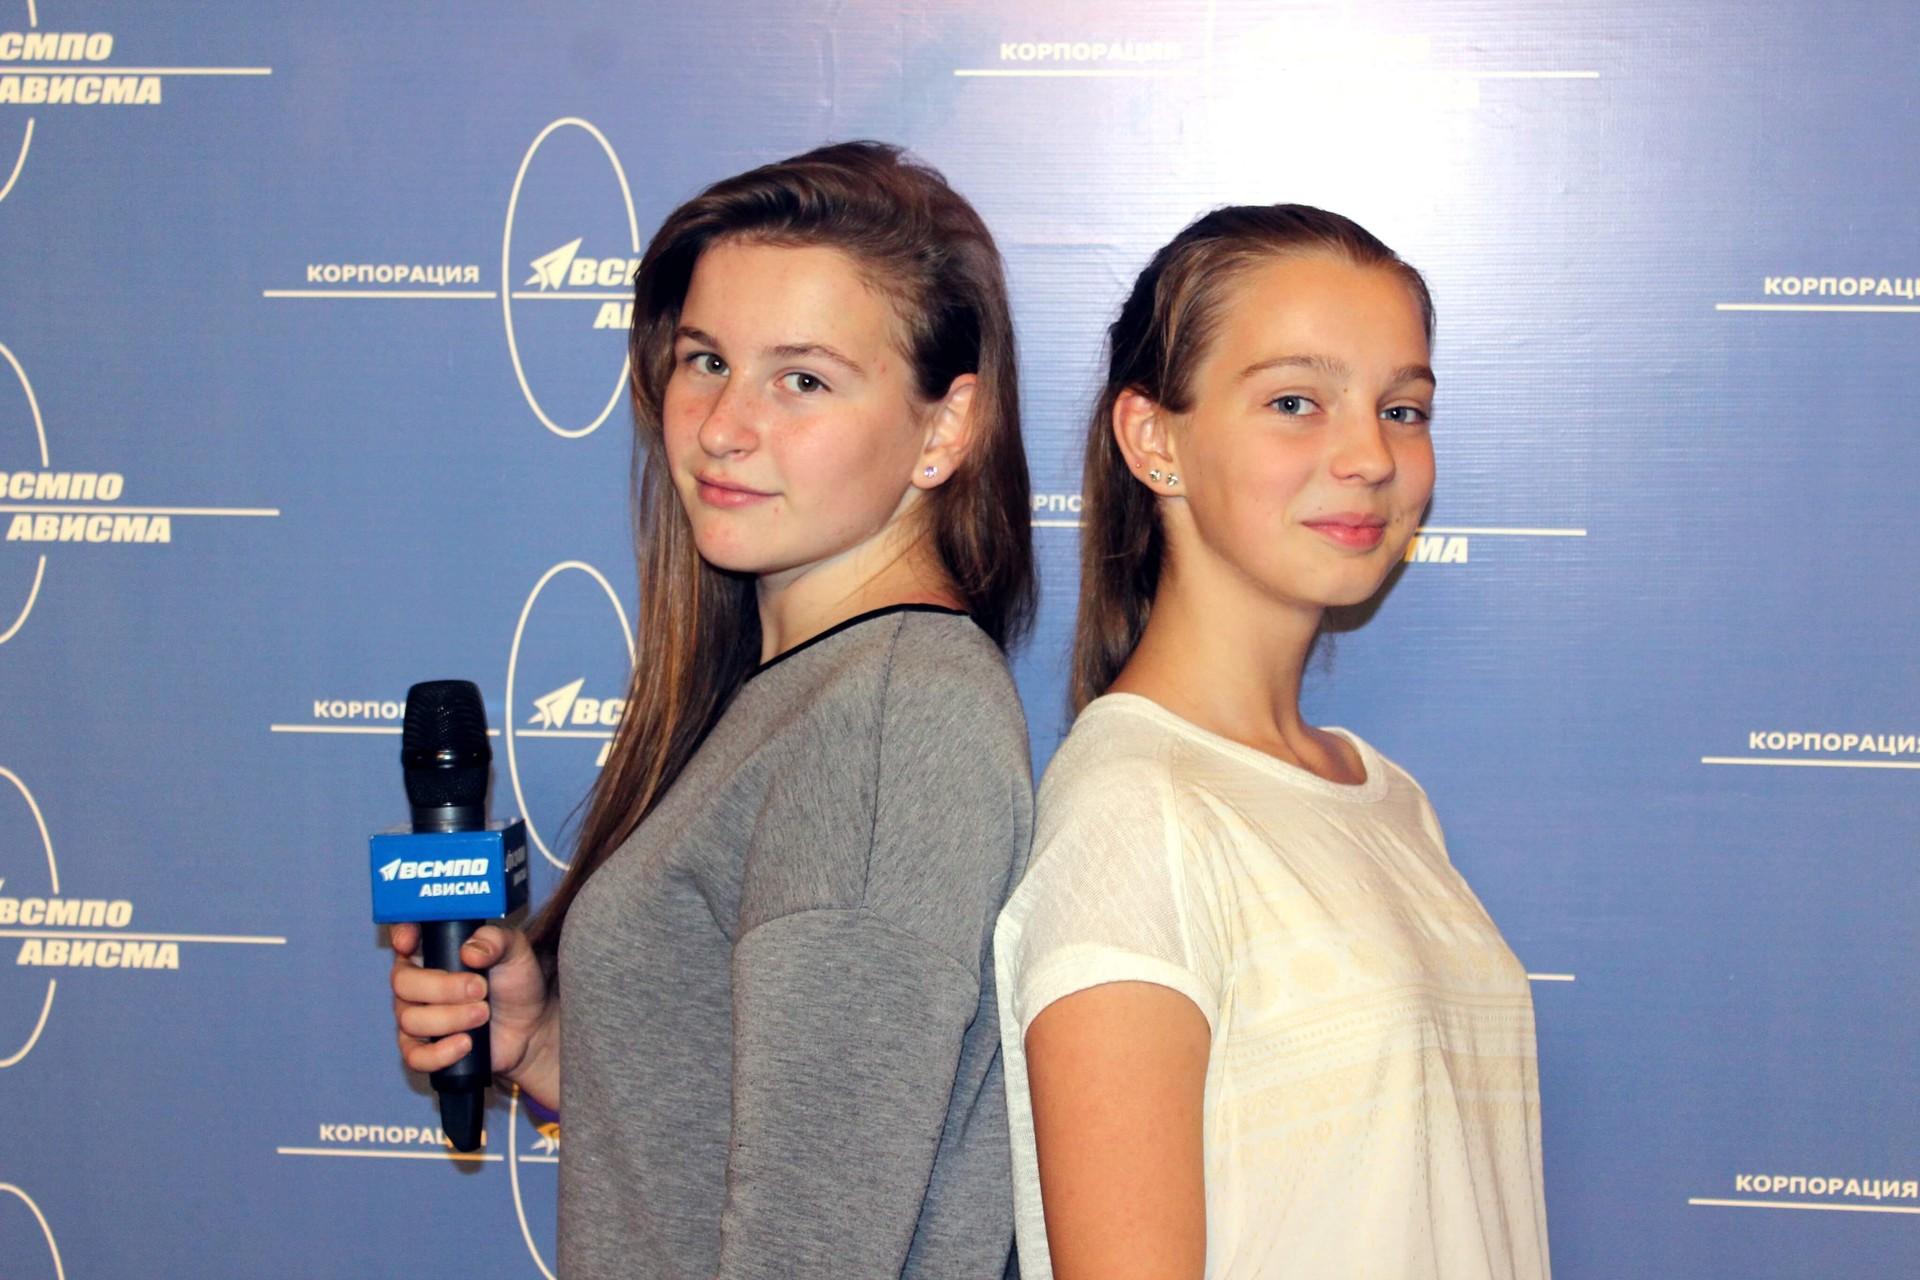 Лепотице новинарке из школе града Верхњаја Салда